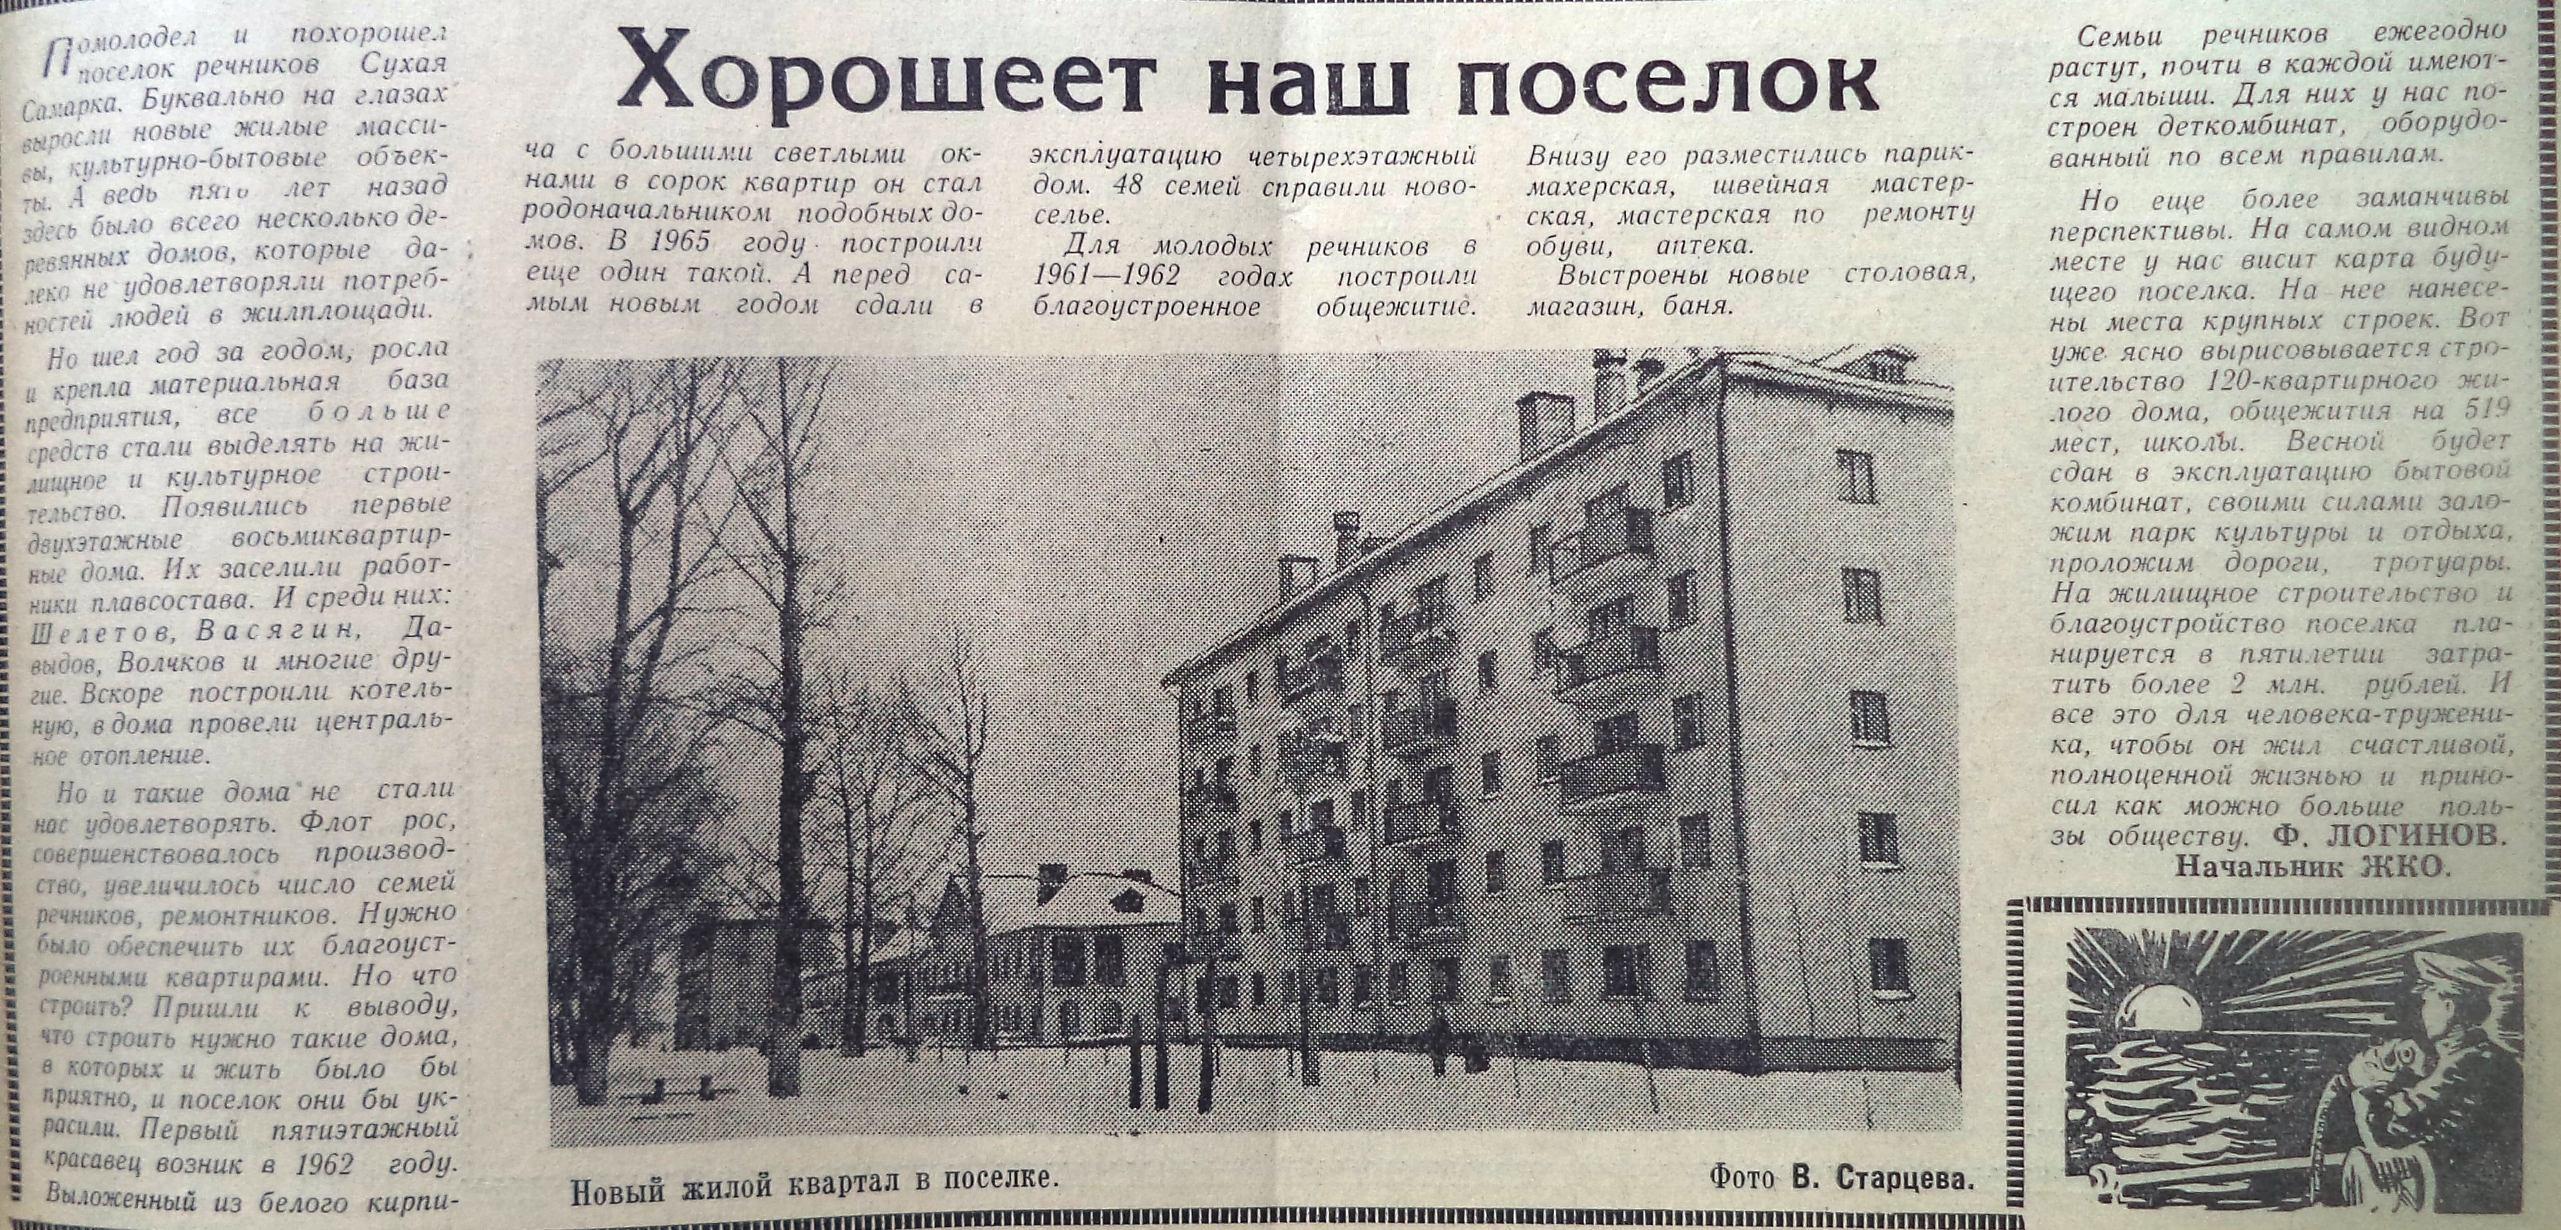 Флотская-ФОТО-05-Советский Танкер-1966-26 февраля-дома №№ 1_3_5_7